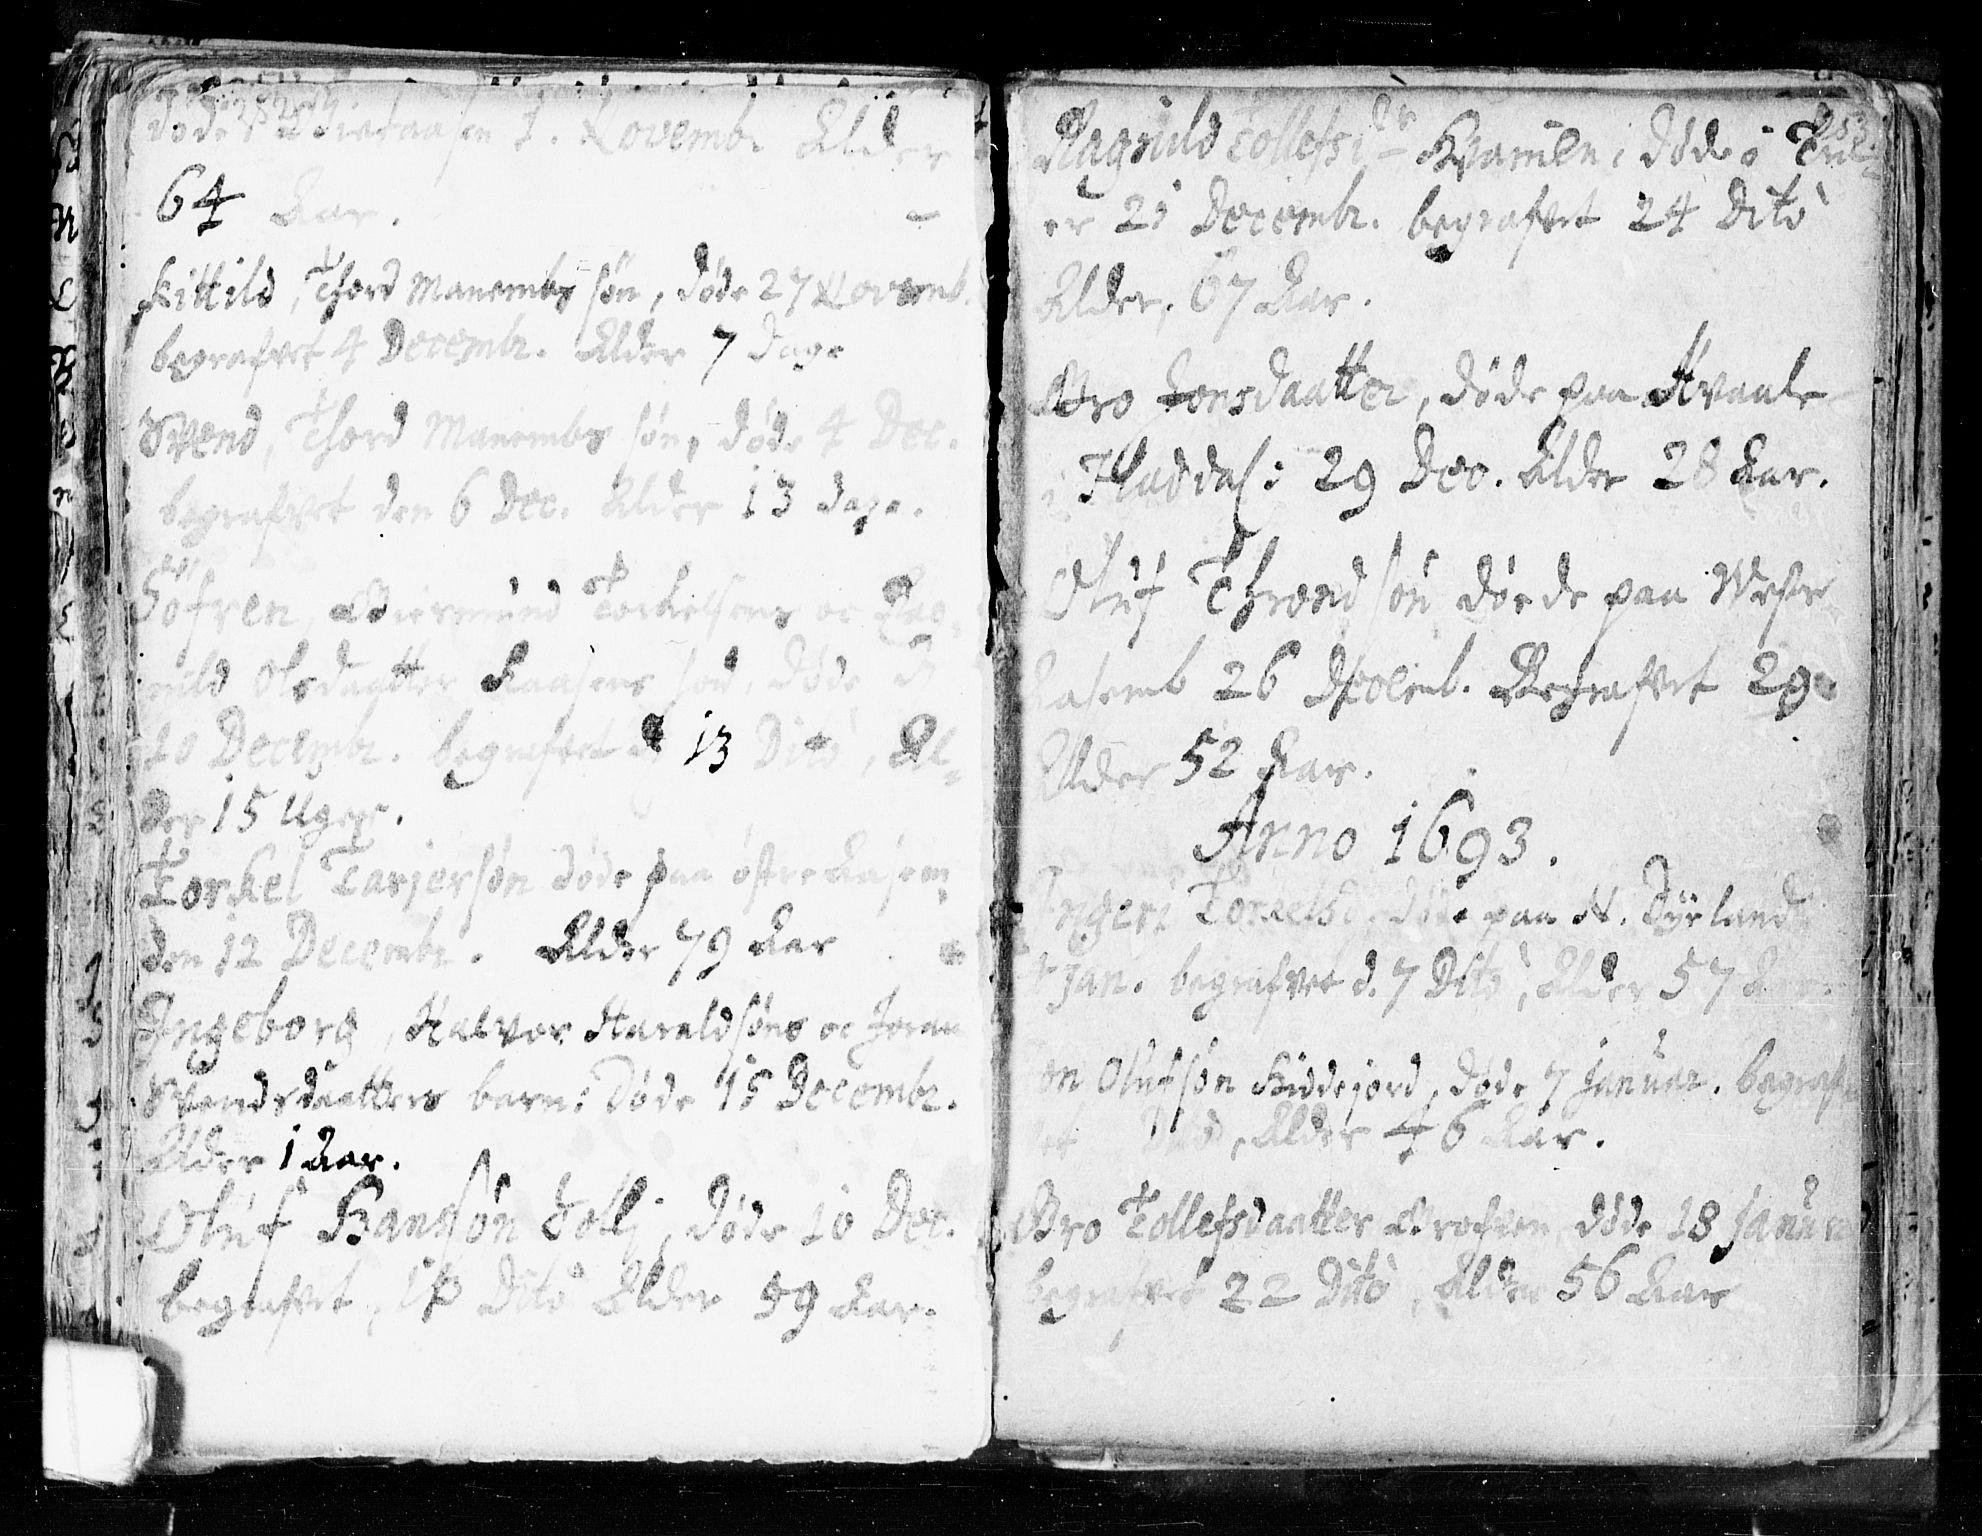 SAKO, Seljord kirkebøker, F/Fa/L0002: Ministerialbok nr. I 2, 1689-1713, s. 252-253